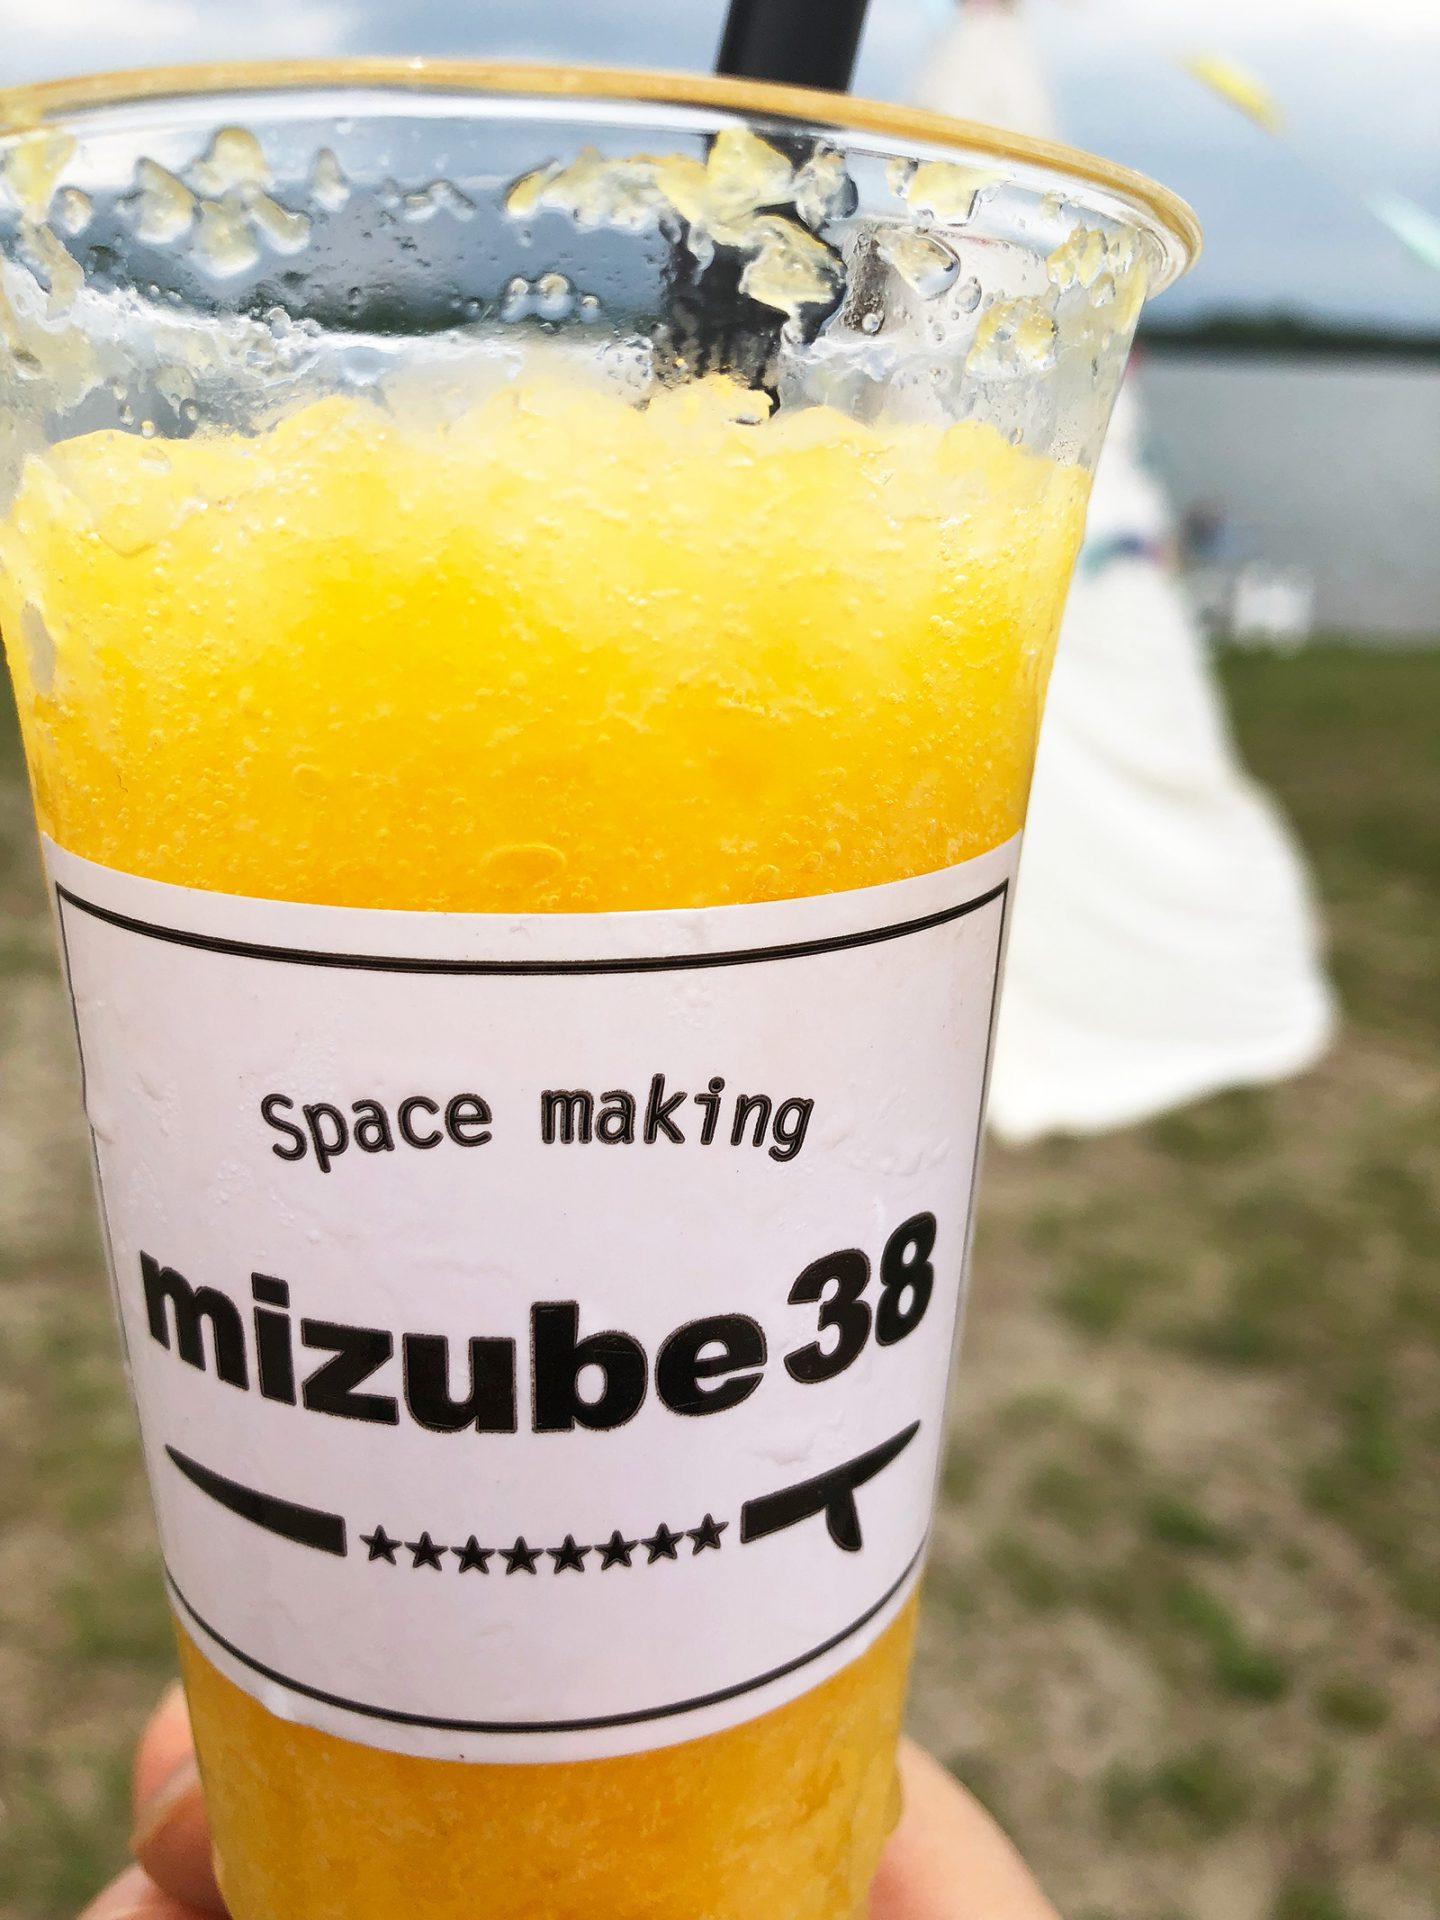 「mizube38」のけずりいちごとはっさくスムージー @木曽三川公園ワイルドネイチャープラザ